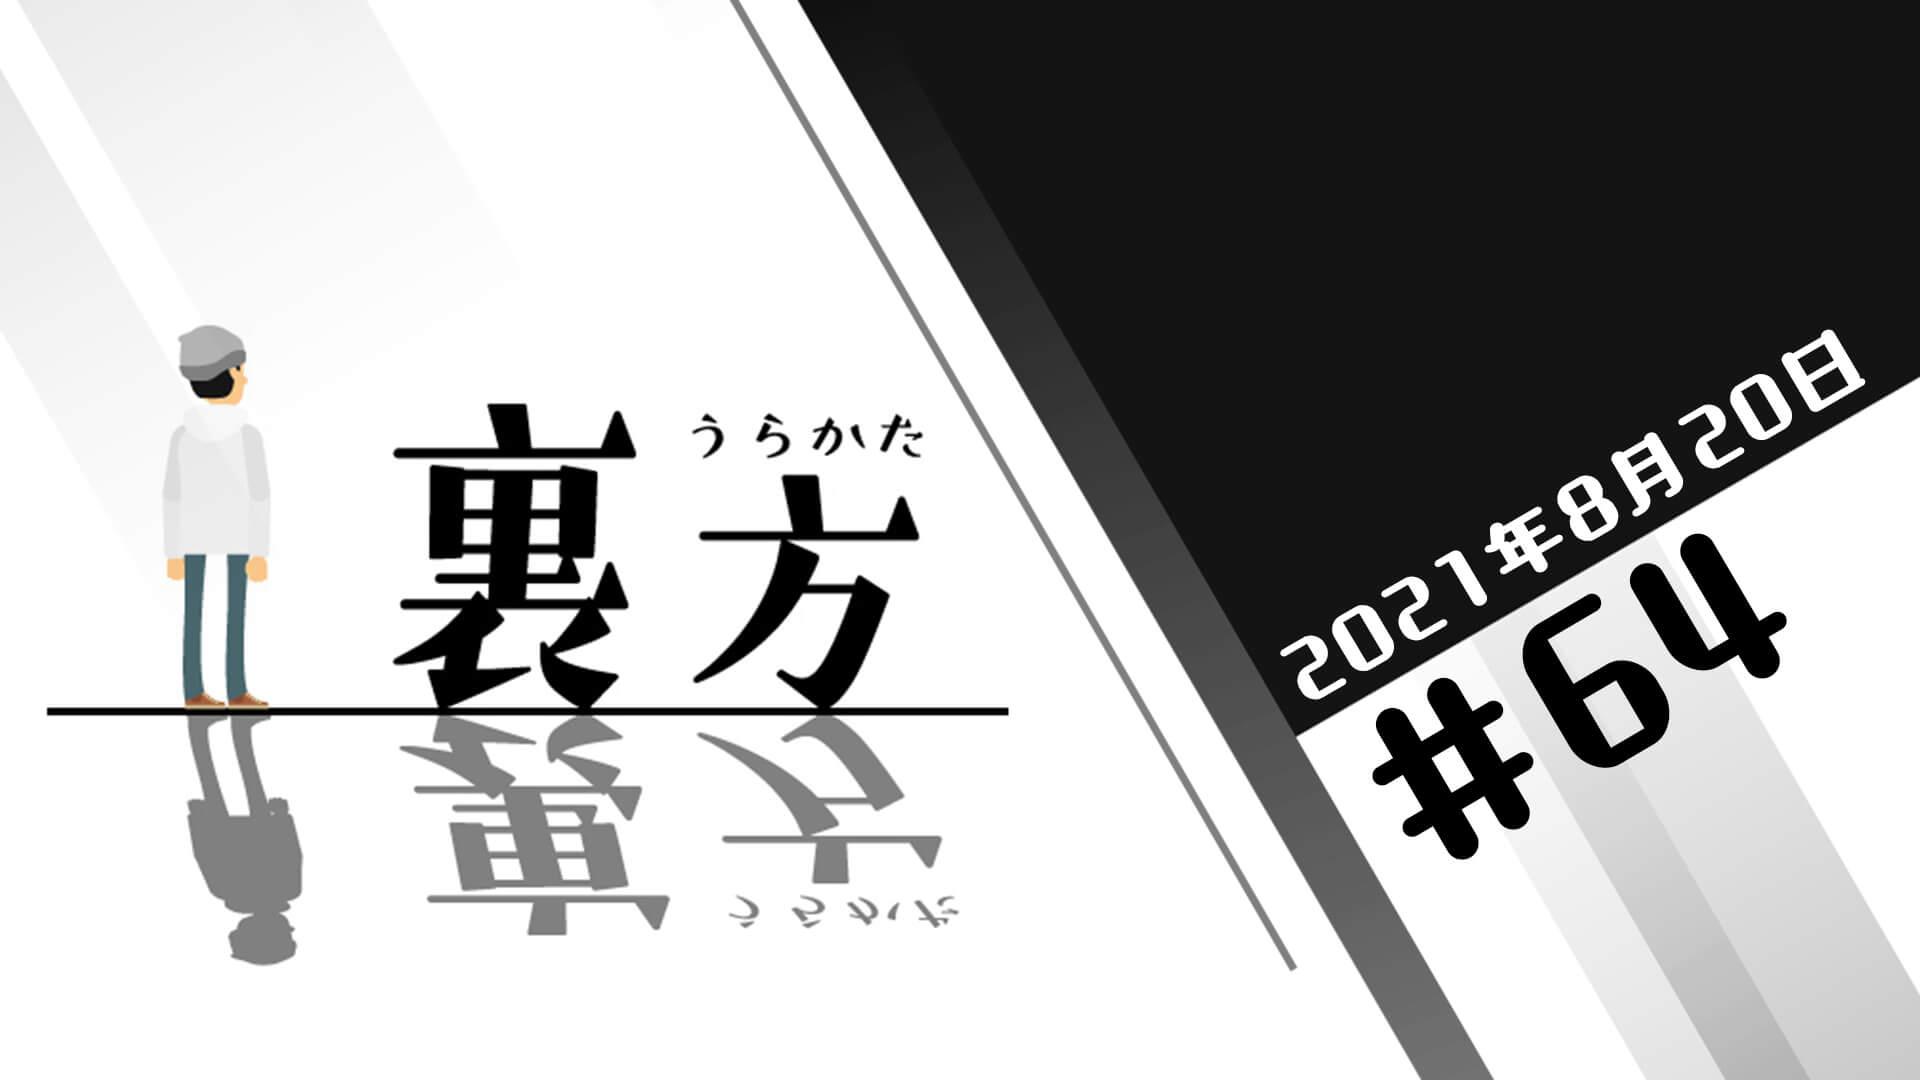 文化放送超!A&G+ 「裏方」#64 (2021年8月20日放送分)